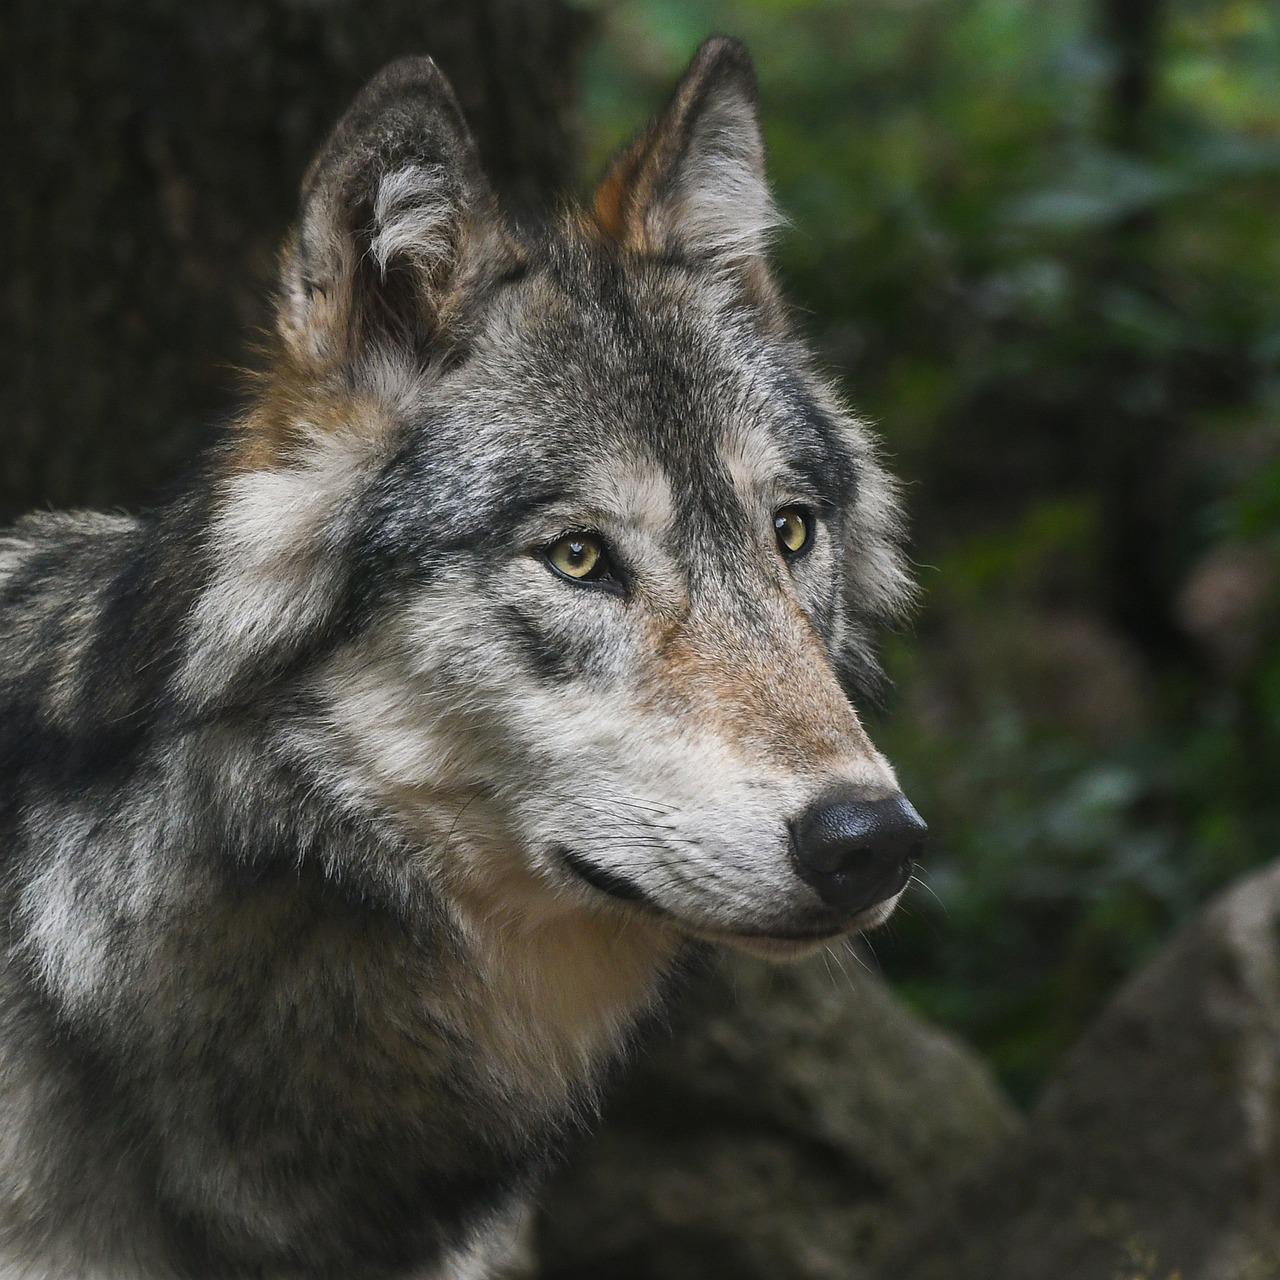 морда волка фото красивое сути